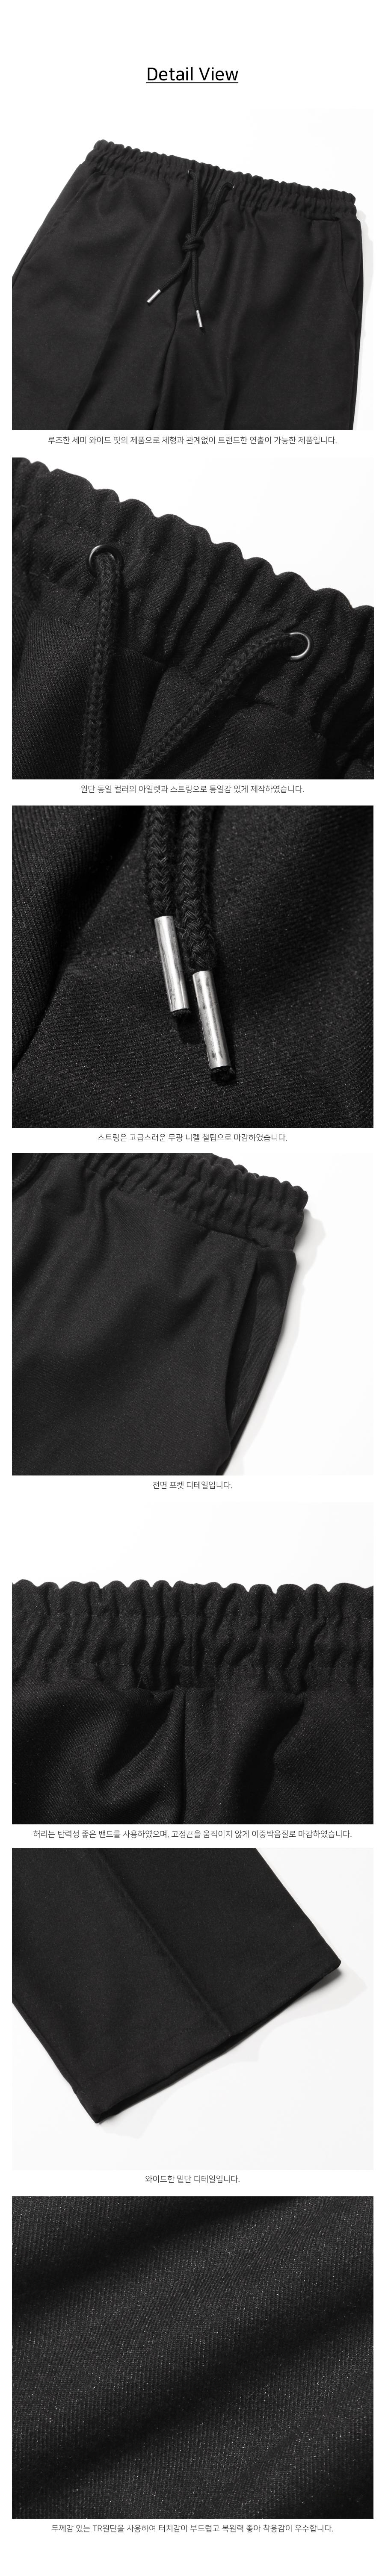 HJLP2078_detail_black_kj.jpg